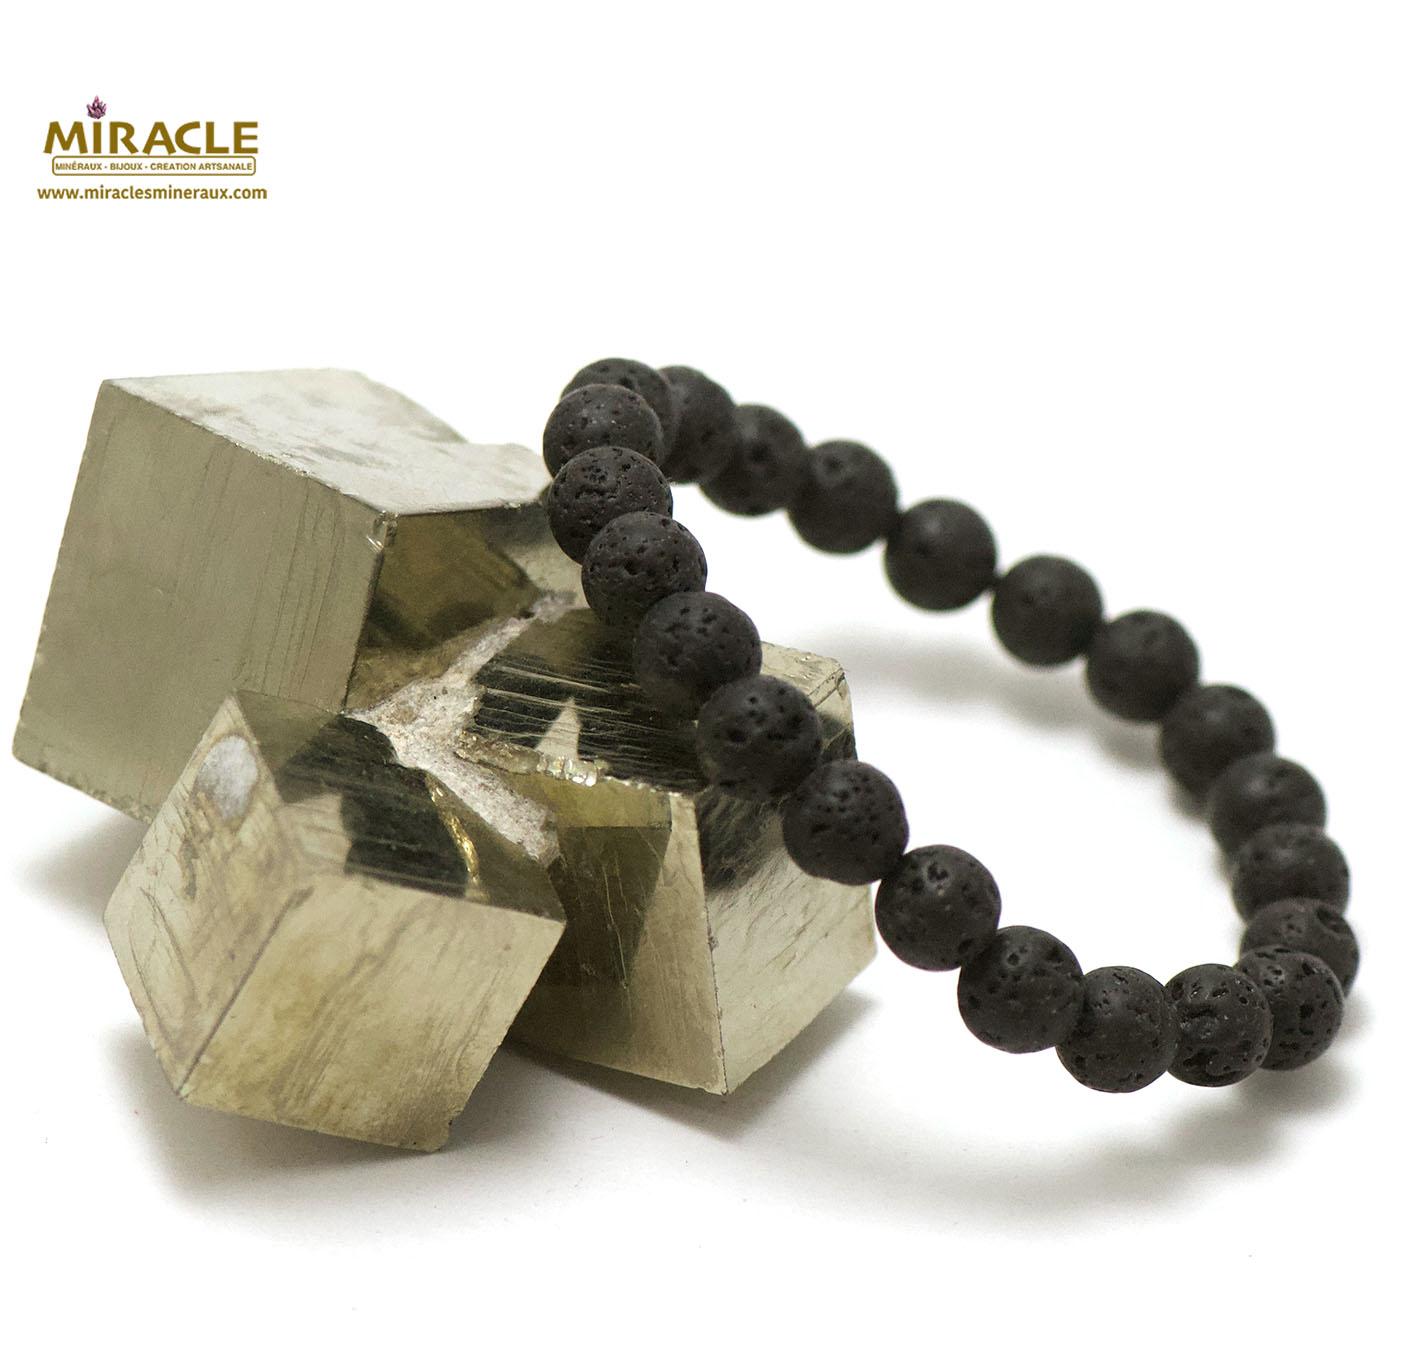 bracelet pierre de lave (roche volcanique), perle ronde 8 mm